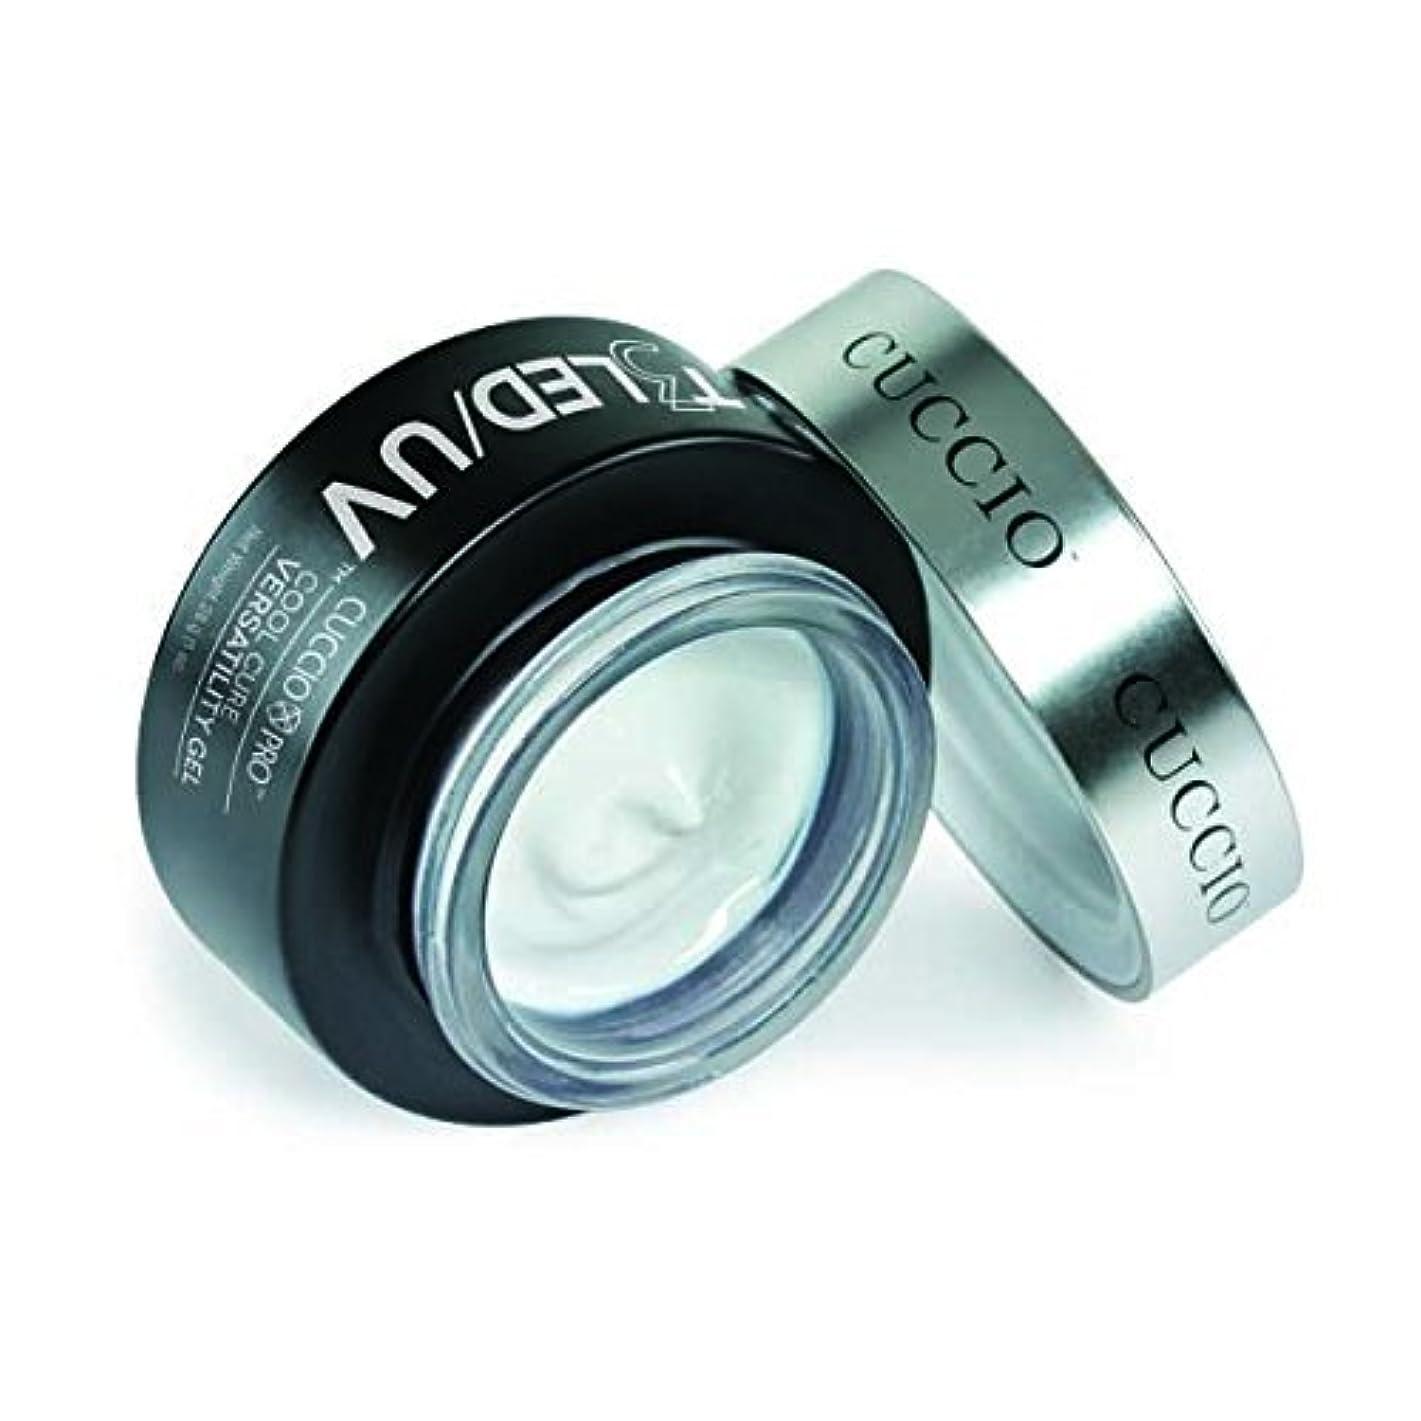 キャプチャー高く周術期Cuccio Pro - T3 LED/UV Self- Leveling Gel - Clear - 2oz / 56g